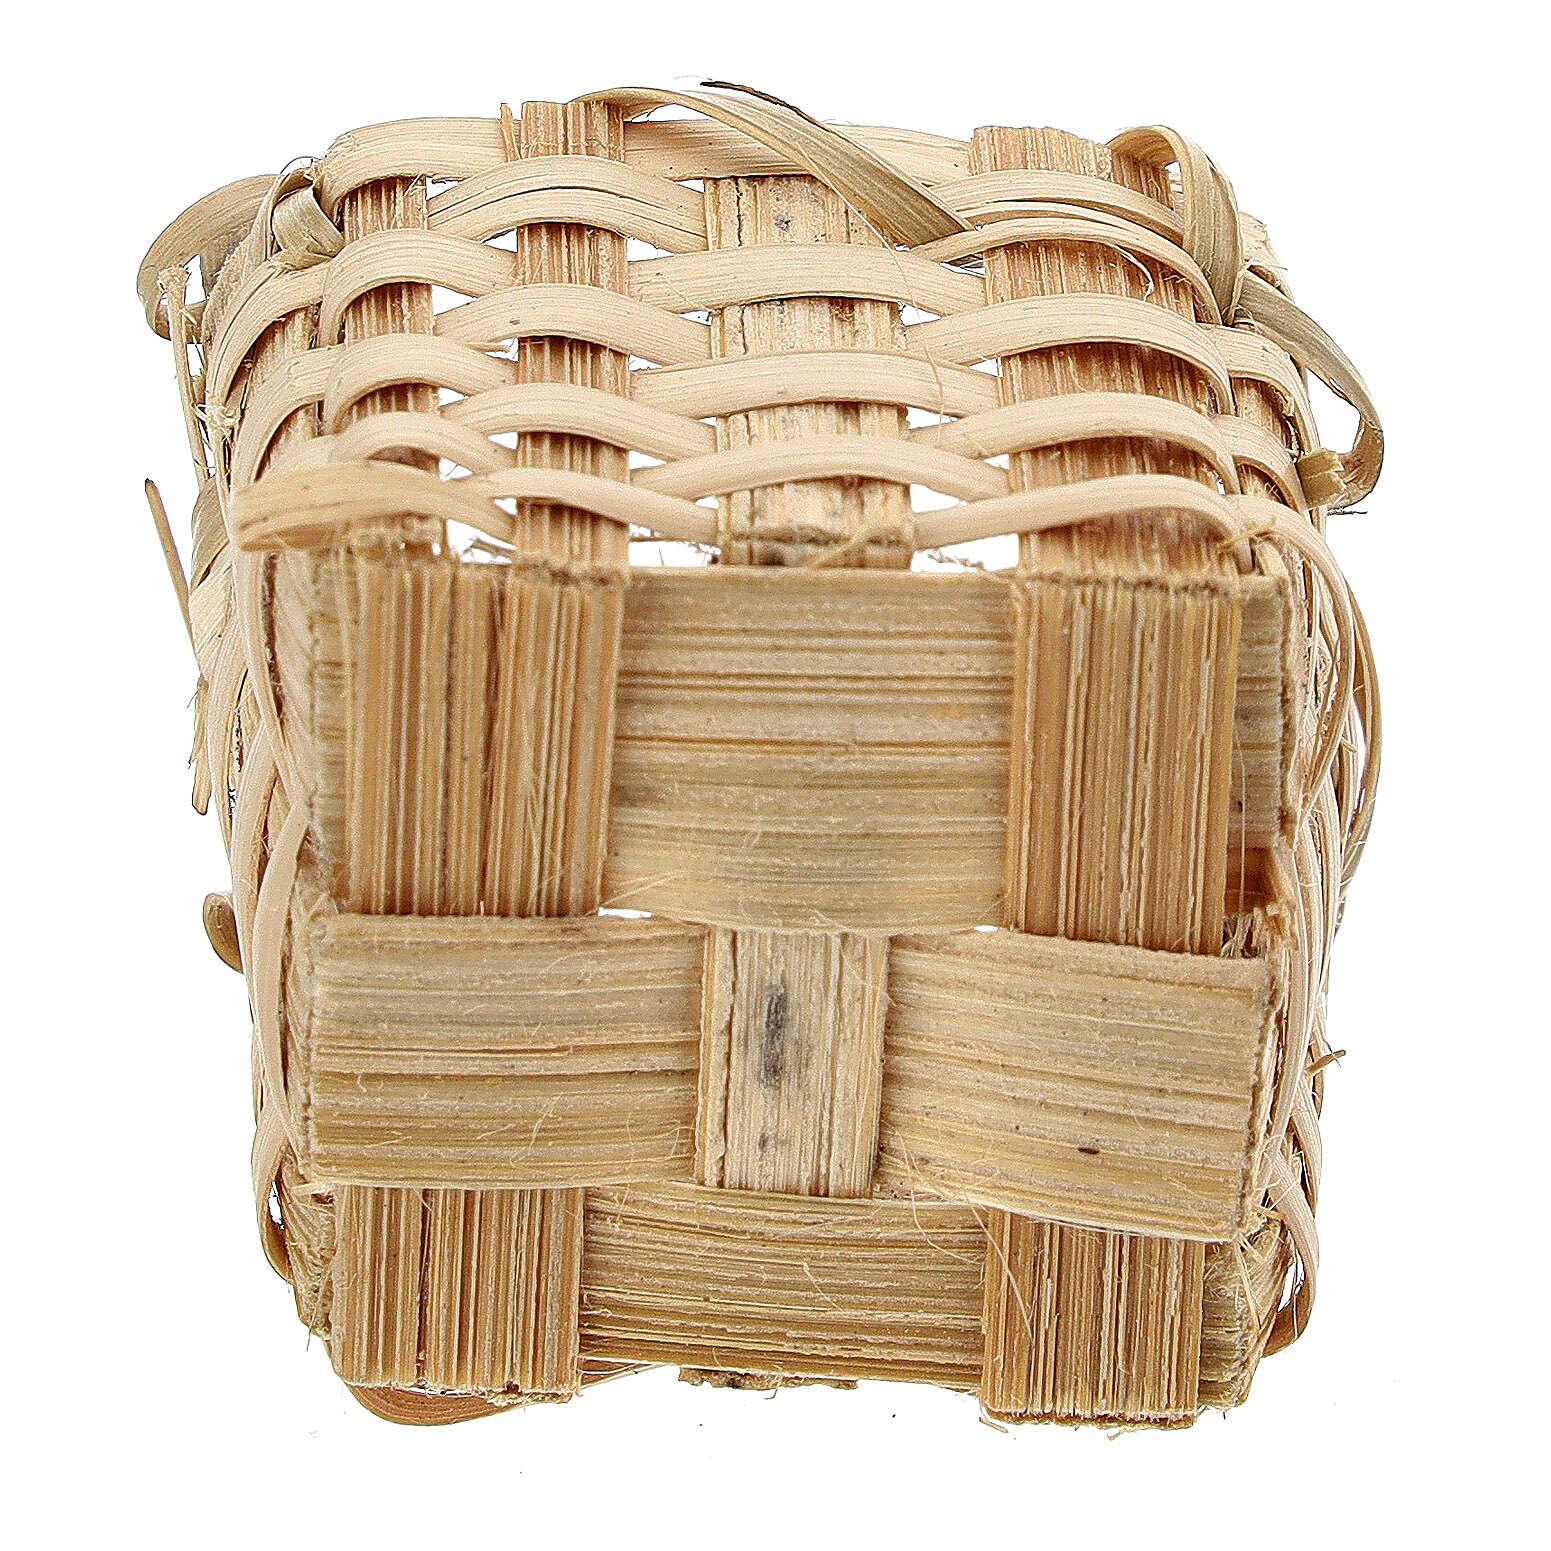 Wicker basket with handles 4x3.5x3 cm Nativity scene 10 cm 4